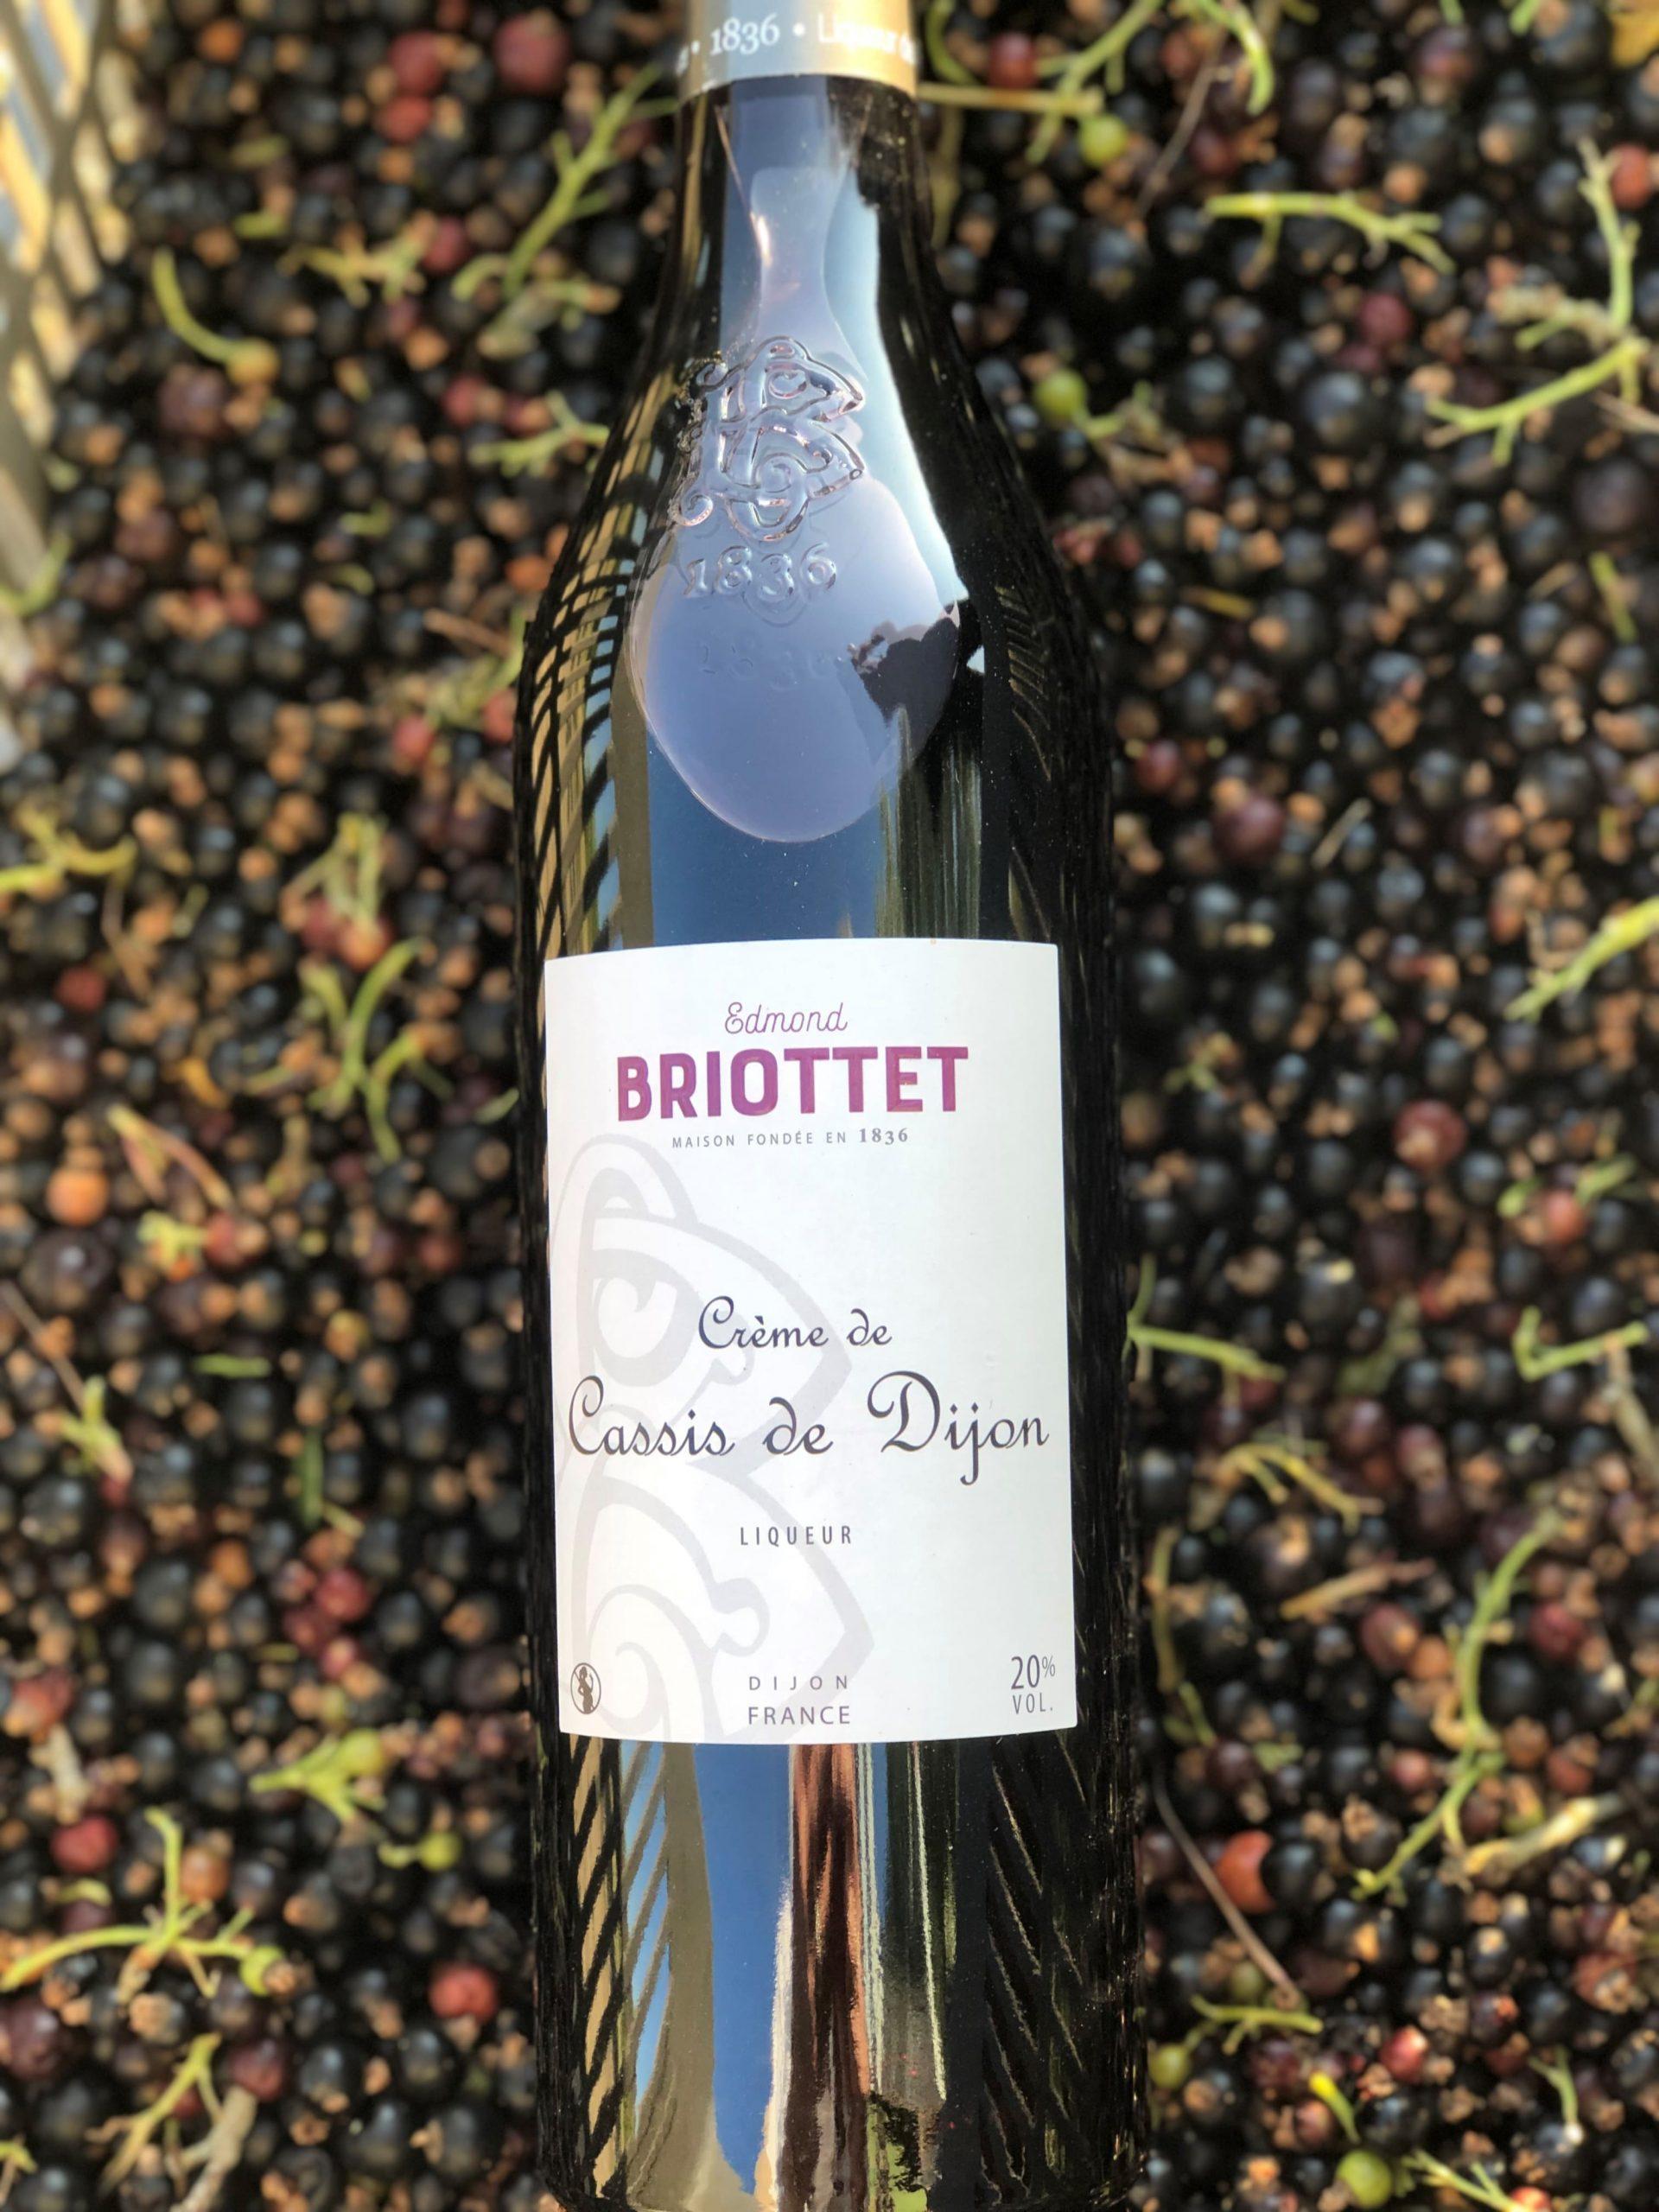 Récolte de cassis pour la Crème de Cassis de Dijon Briottet